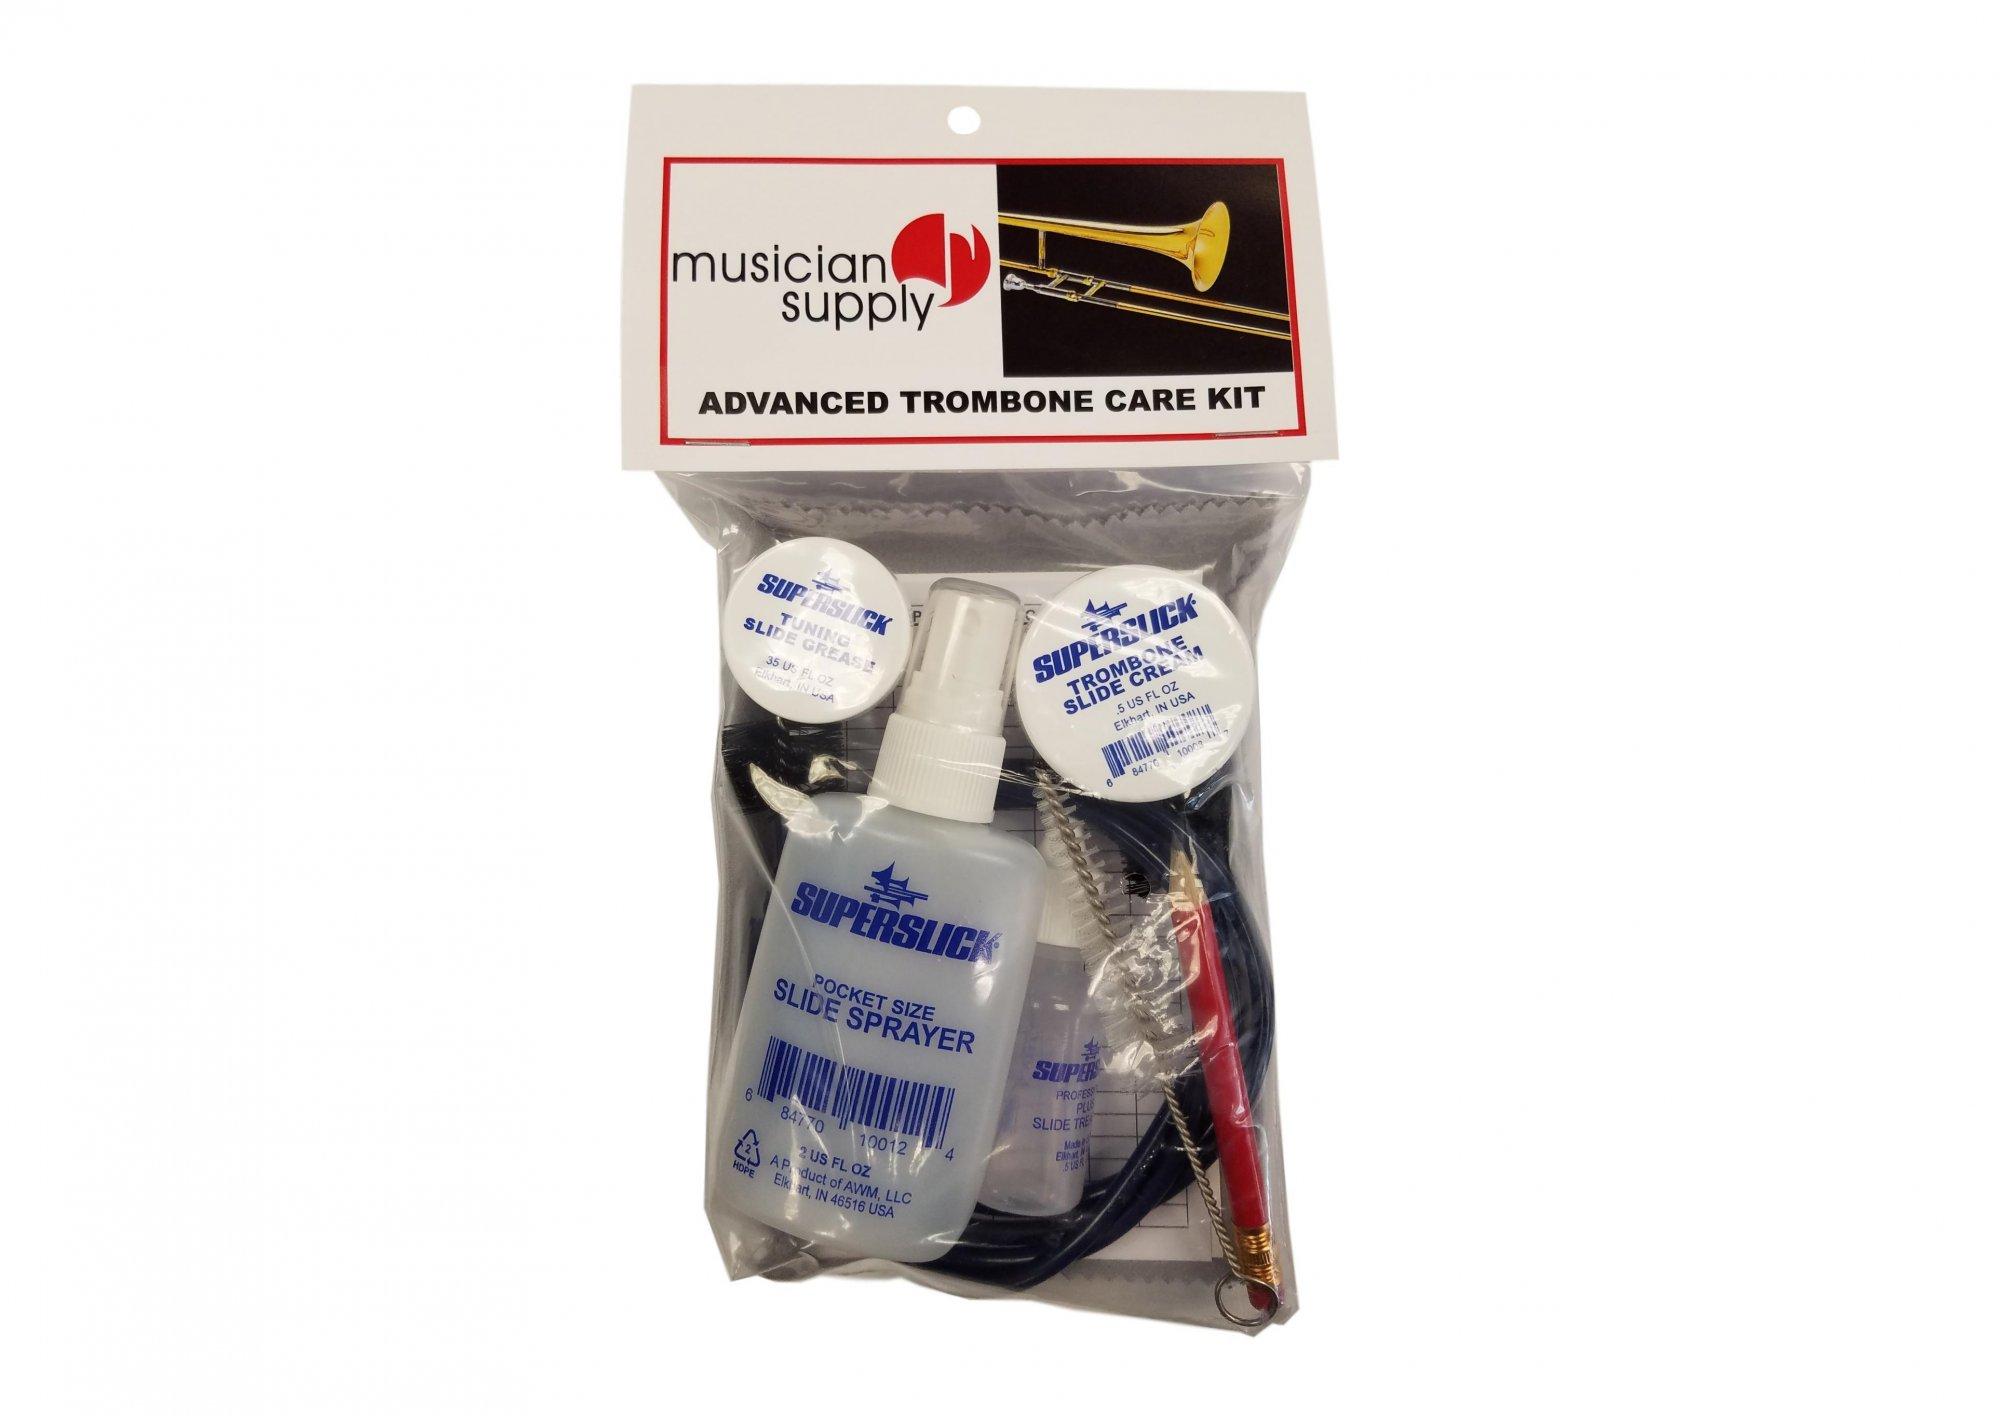 Advanced Trombone Care Kit